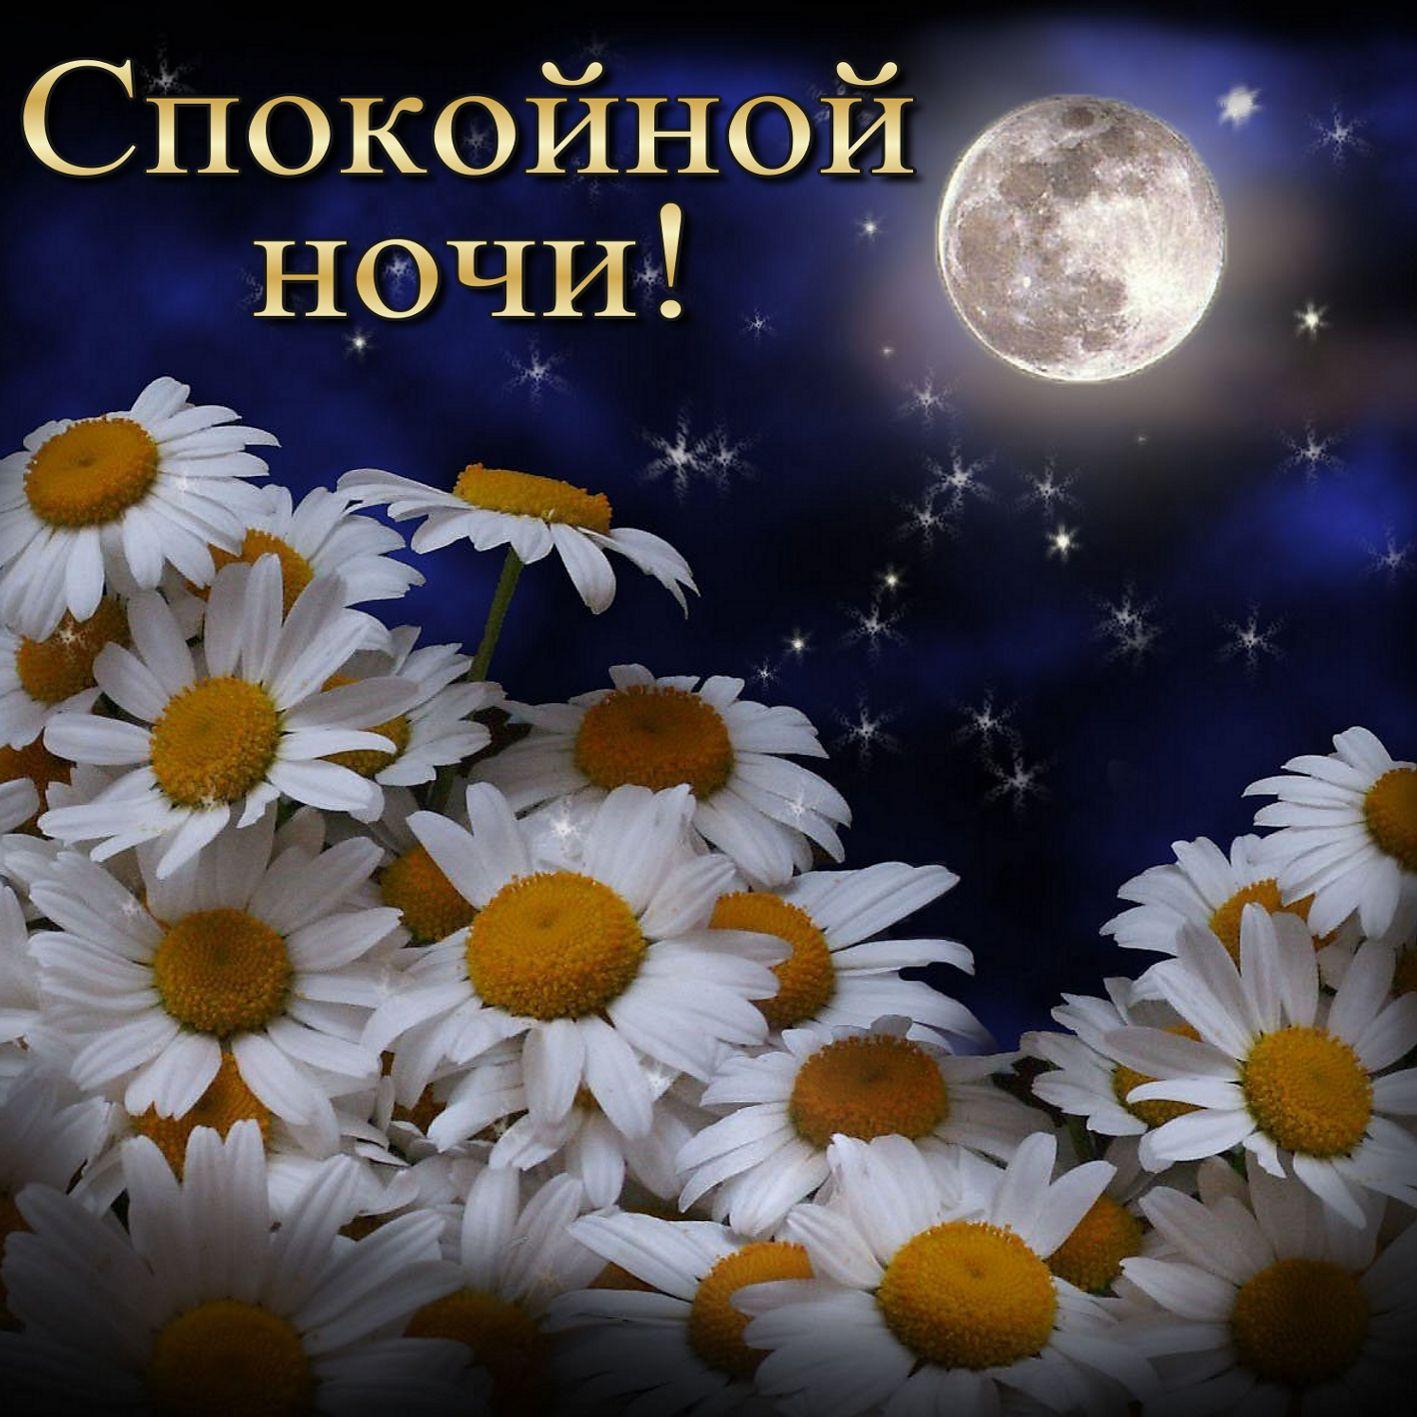 Открытка спокойной ночи - ромашки под полной луной в звёздном небе